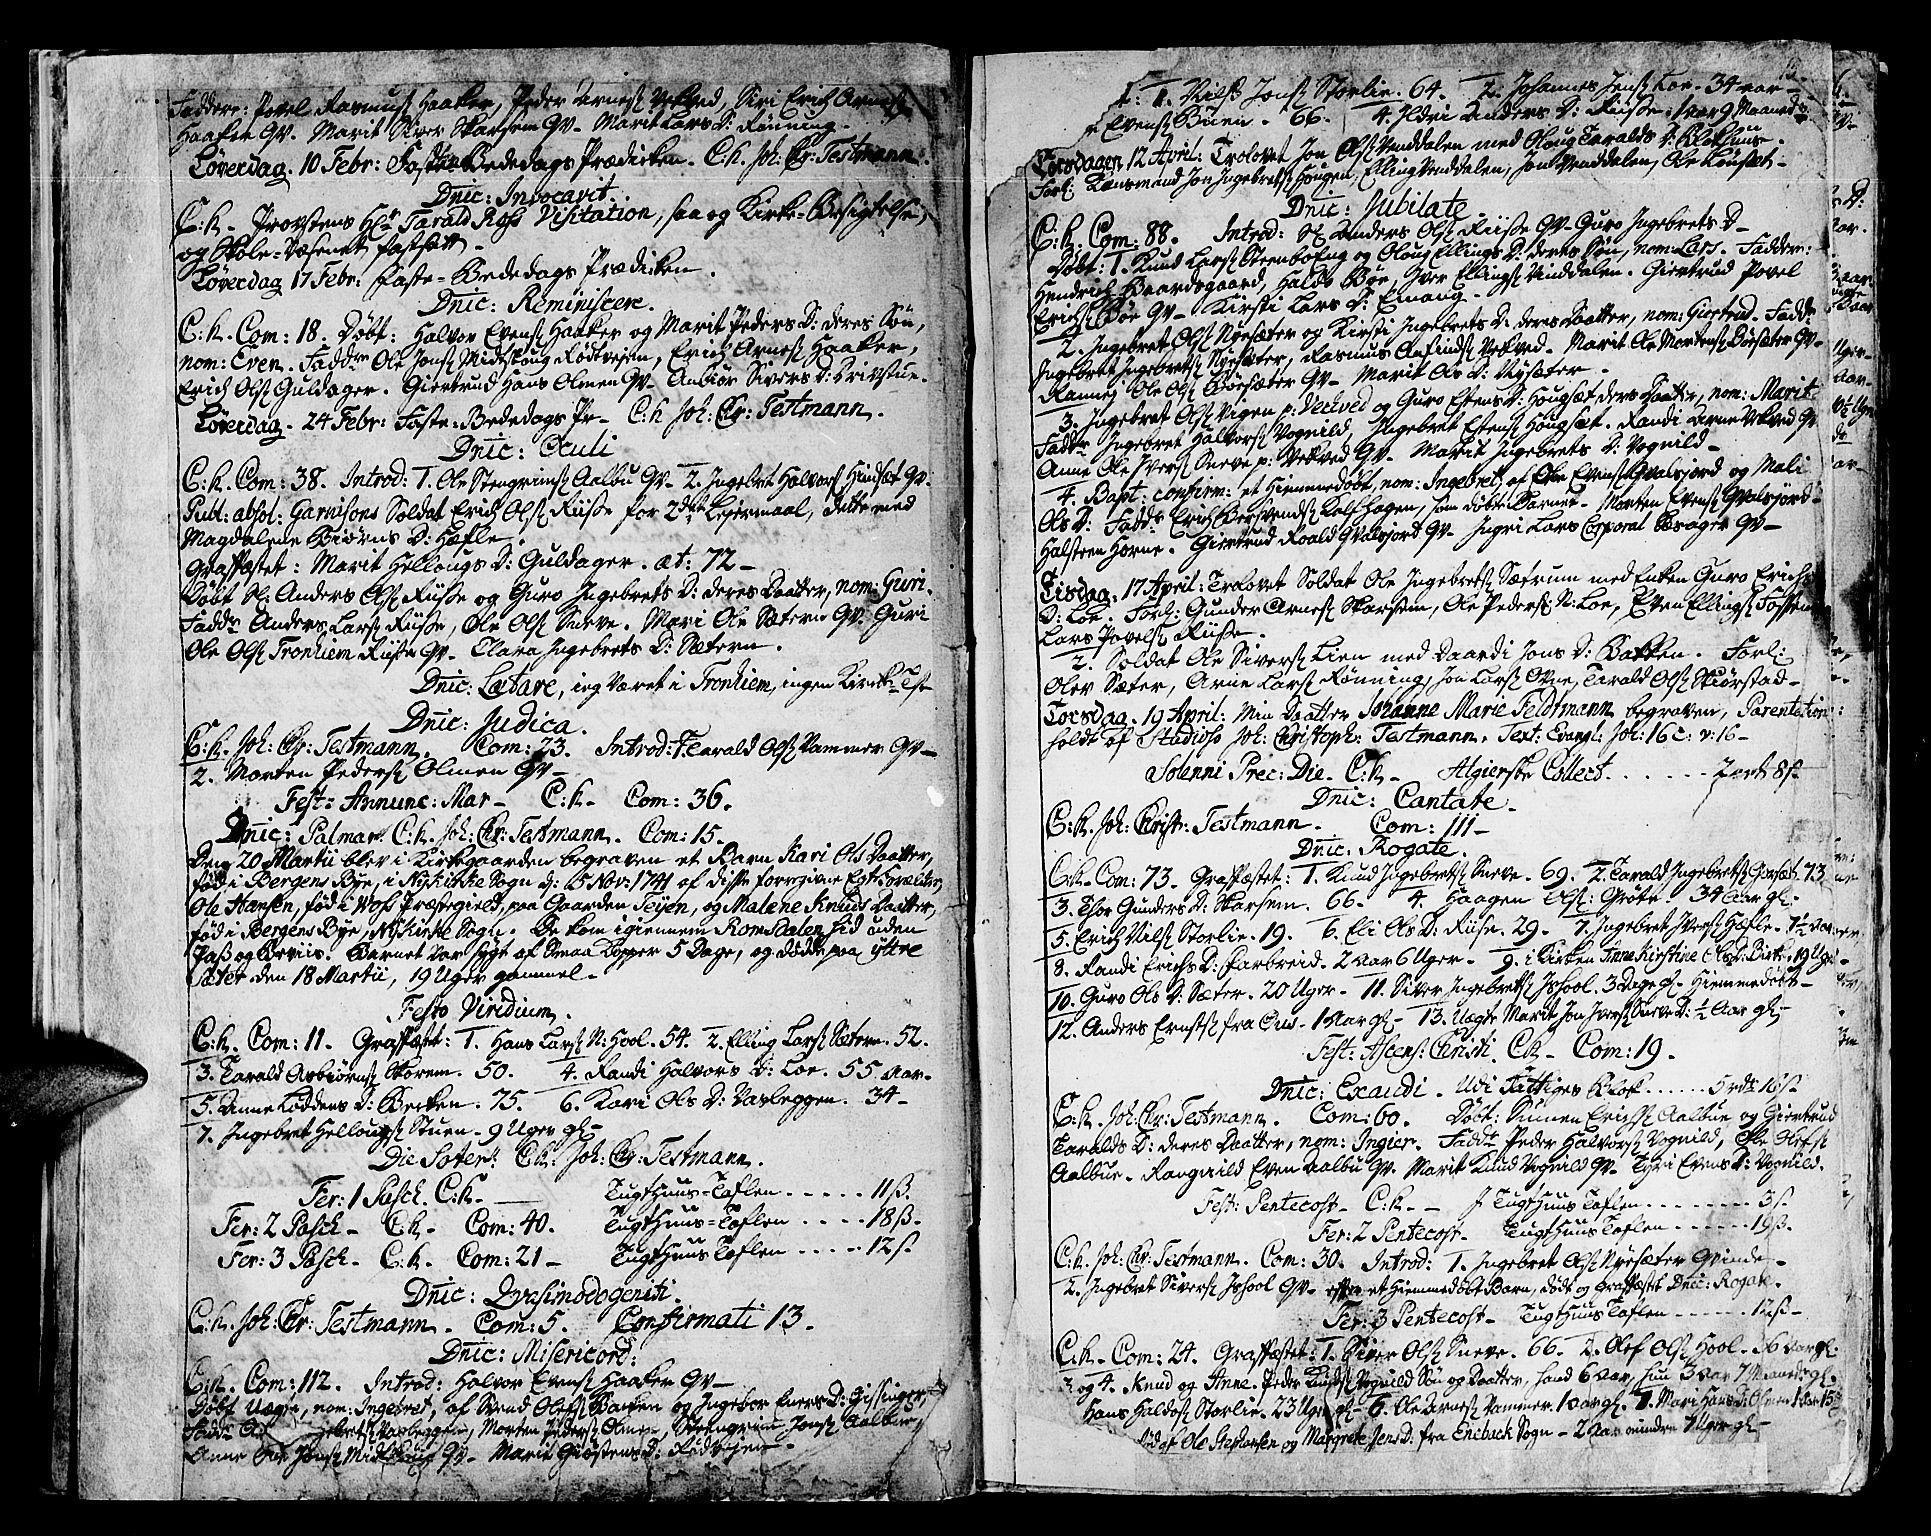 SAT, Ministerialprotokoller, klokkerbøker og fødselsregistre - Sør-Trøndelag, 678/L0891: Ministerialbok nr. 678A01, 1739-1780, s. 15